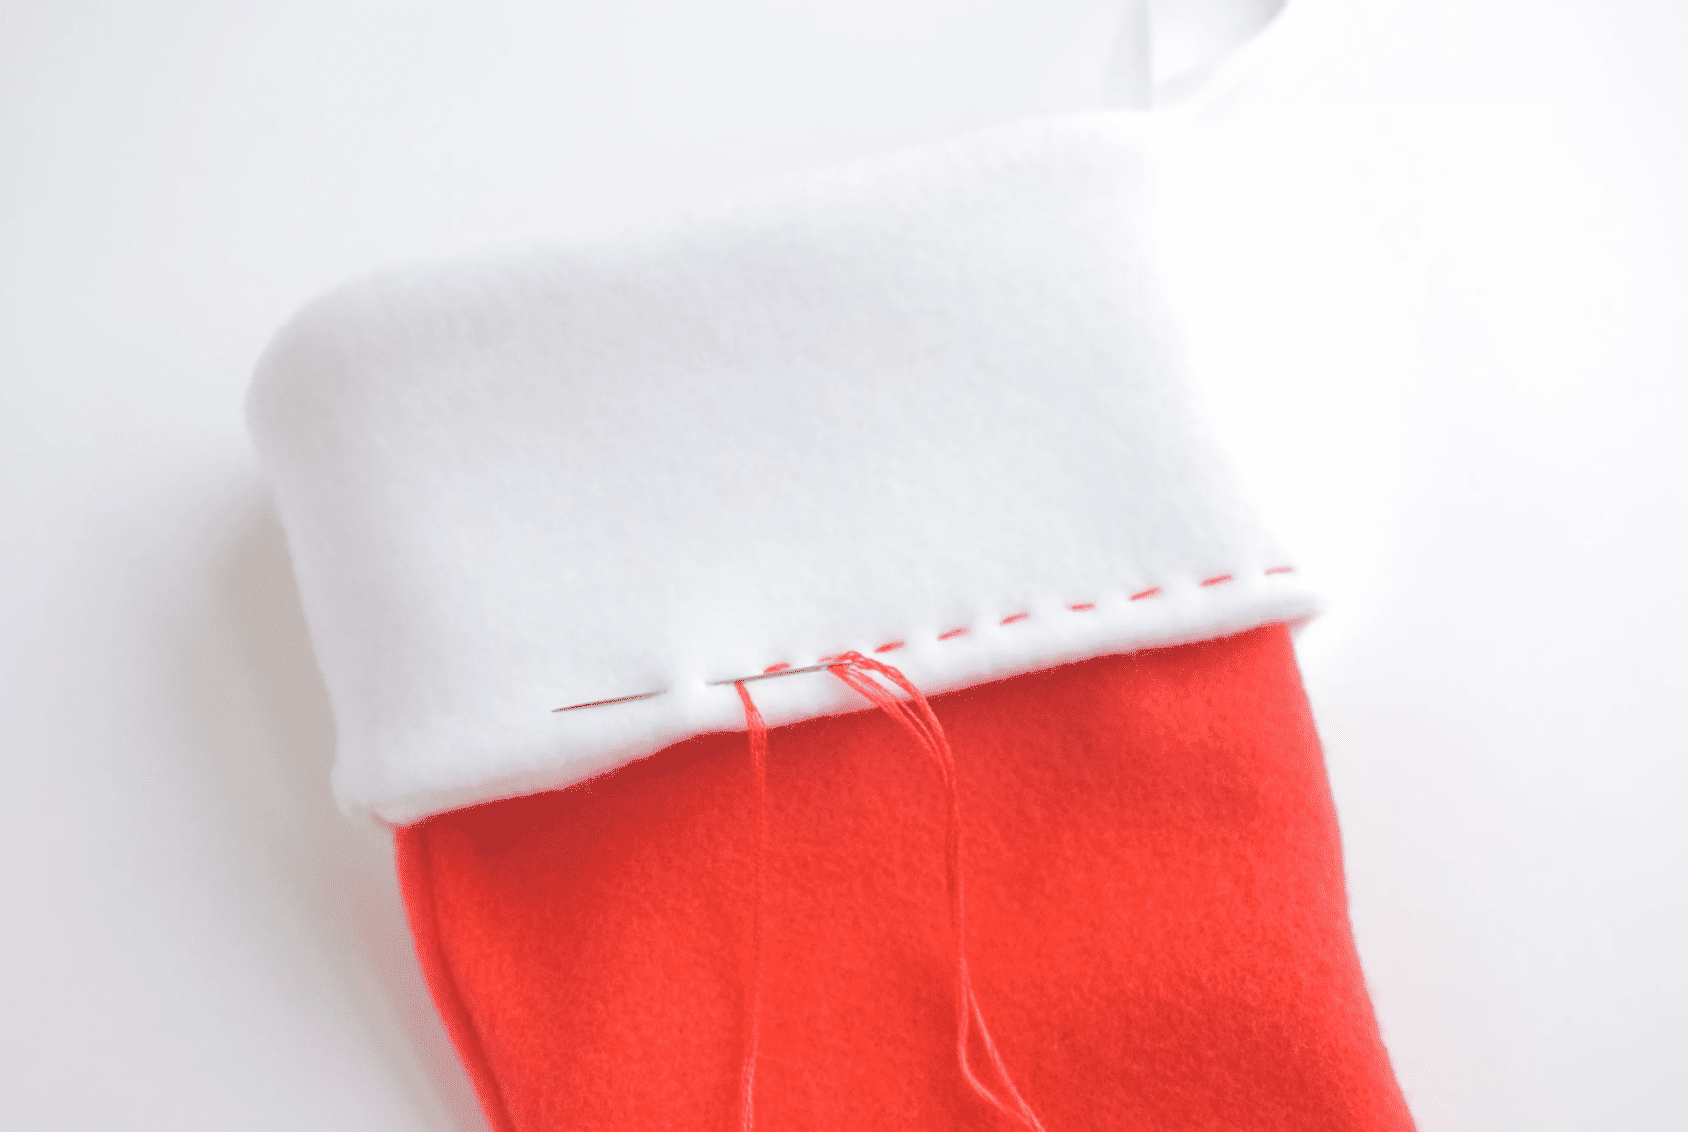 finishing the stocking